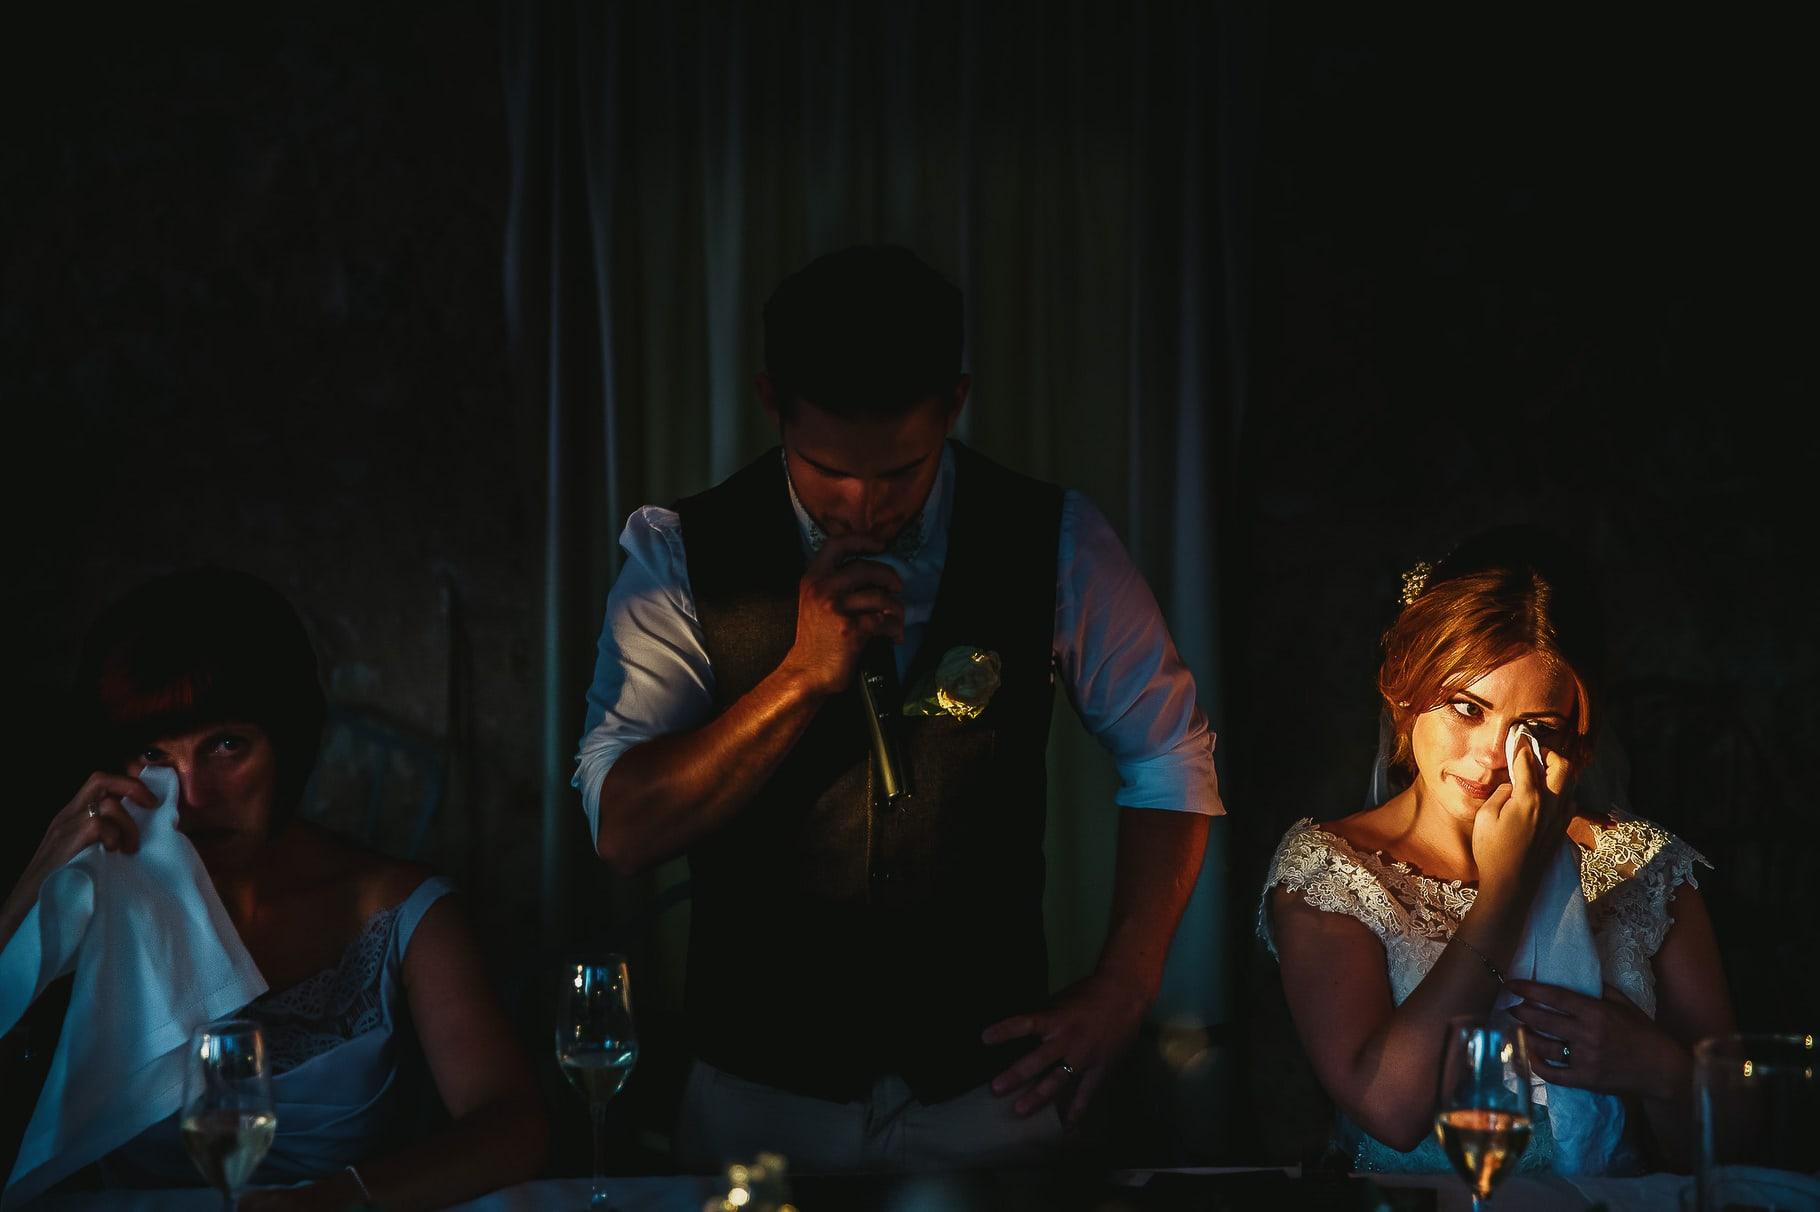 foto del fotografo di matrimonio in italia in cui un raggio di sole illumina il viso emozionato della sposa durante il discorso dello sposo al ricevimento